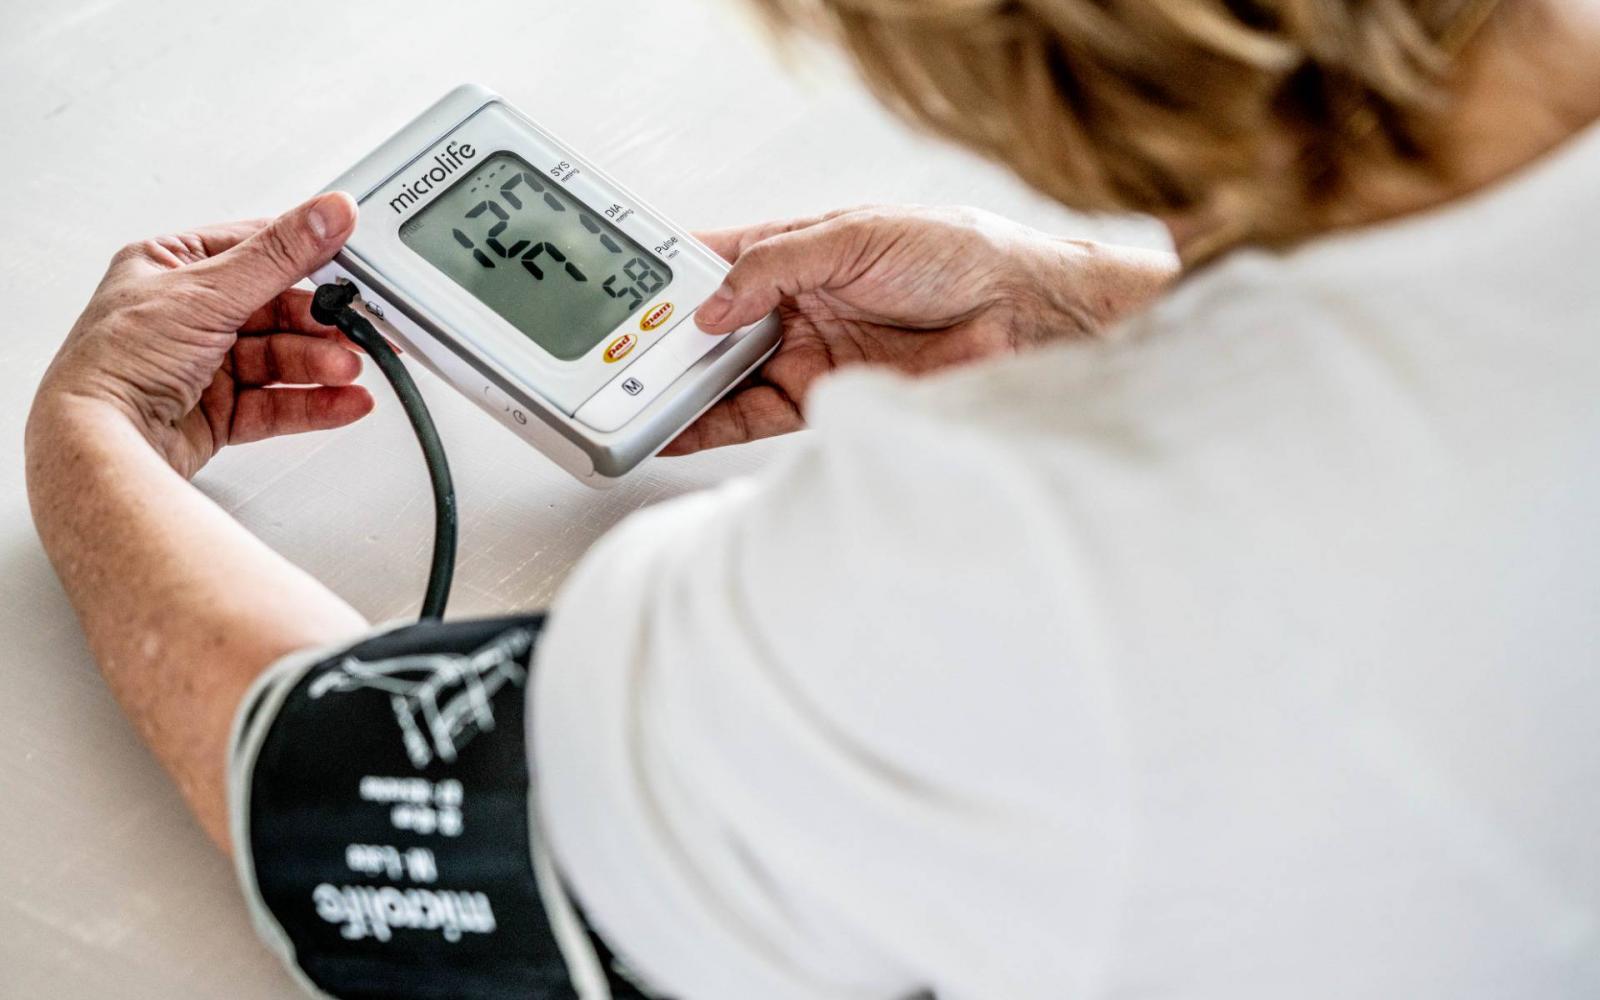 hogyan lehet a 2 fokozatú magas vérnyomást előállítani magas vérnyomás és hányás